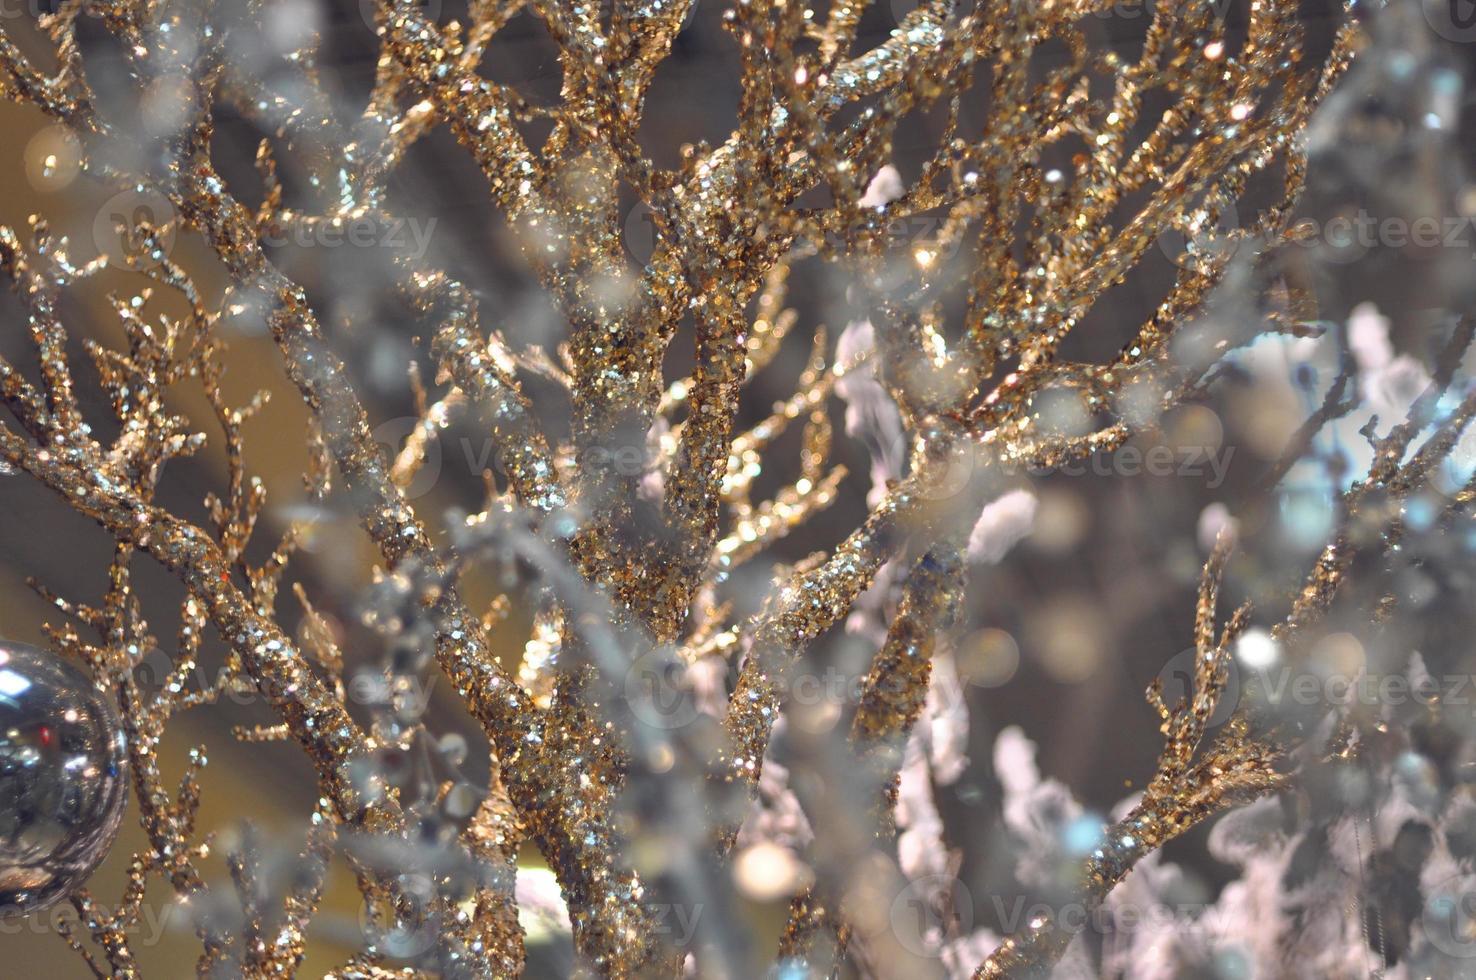 sfondo invernale con rami di ghiaccio foto